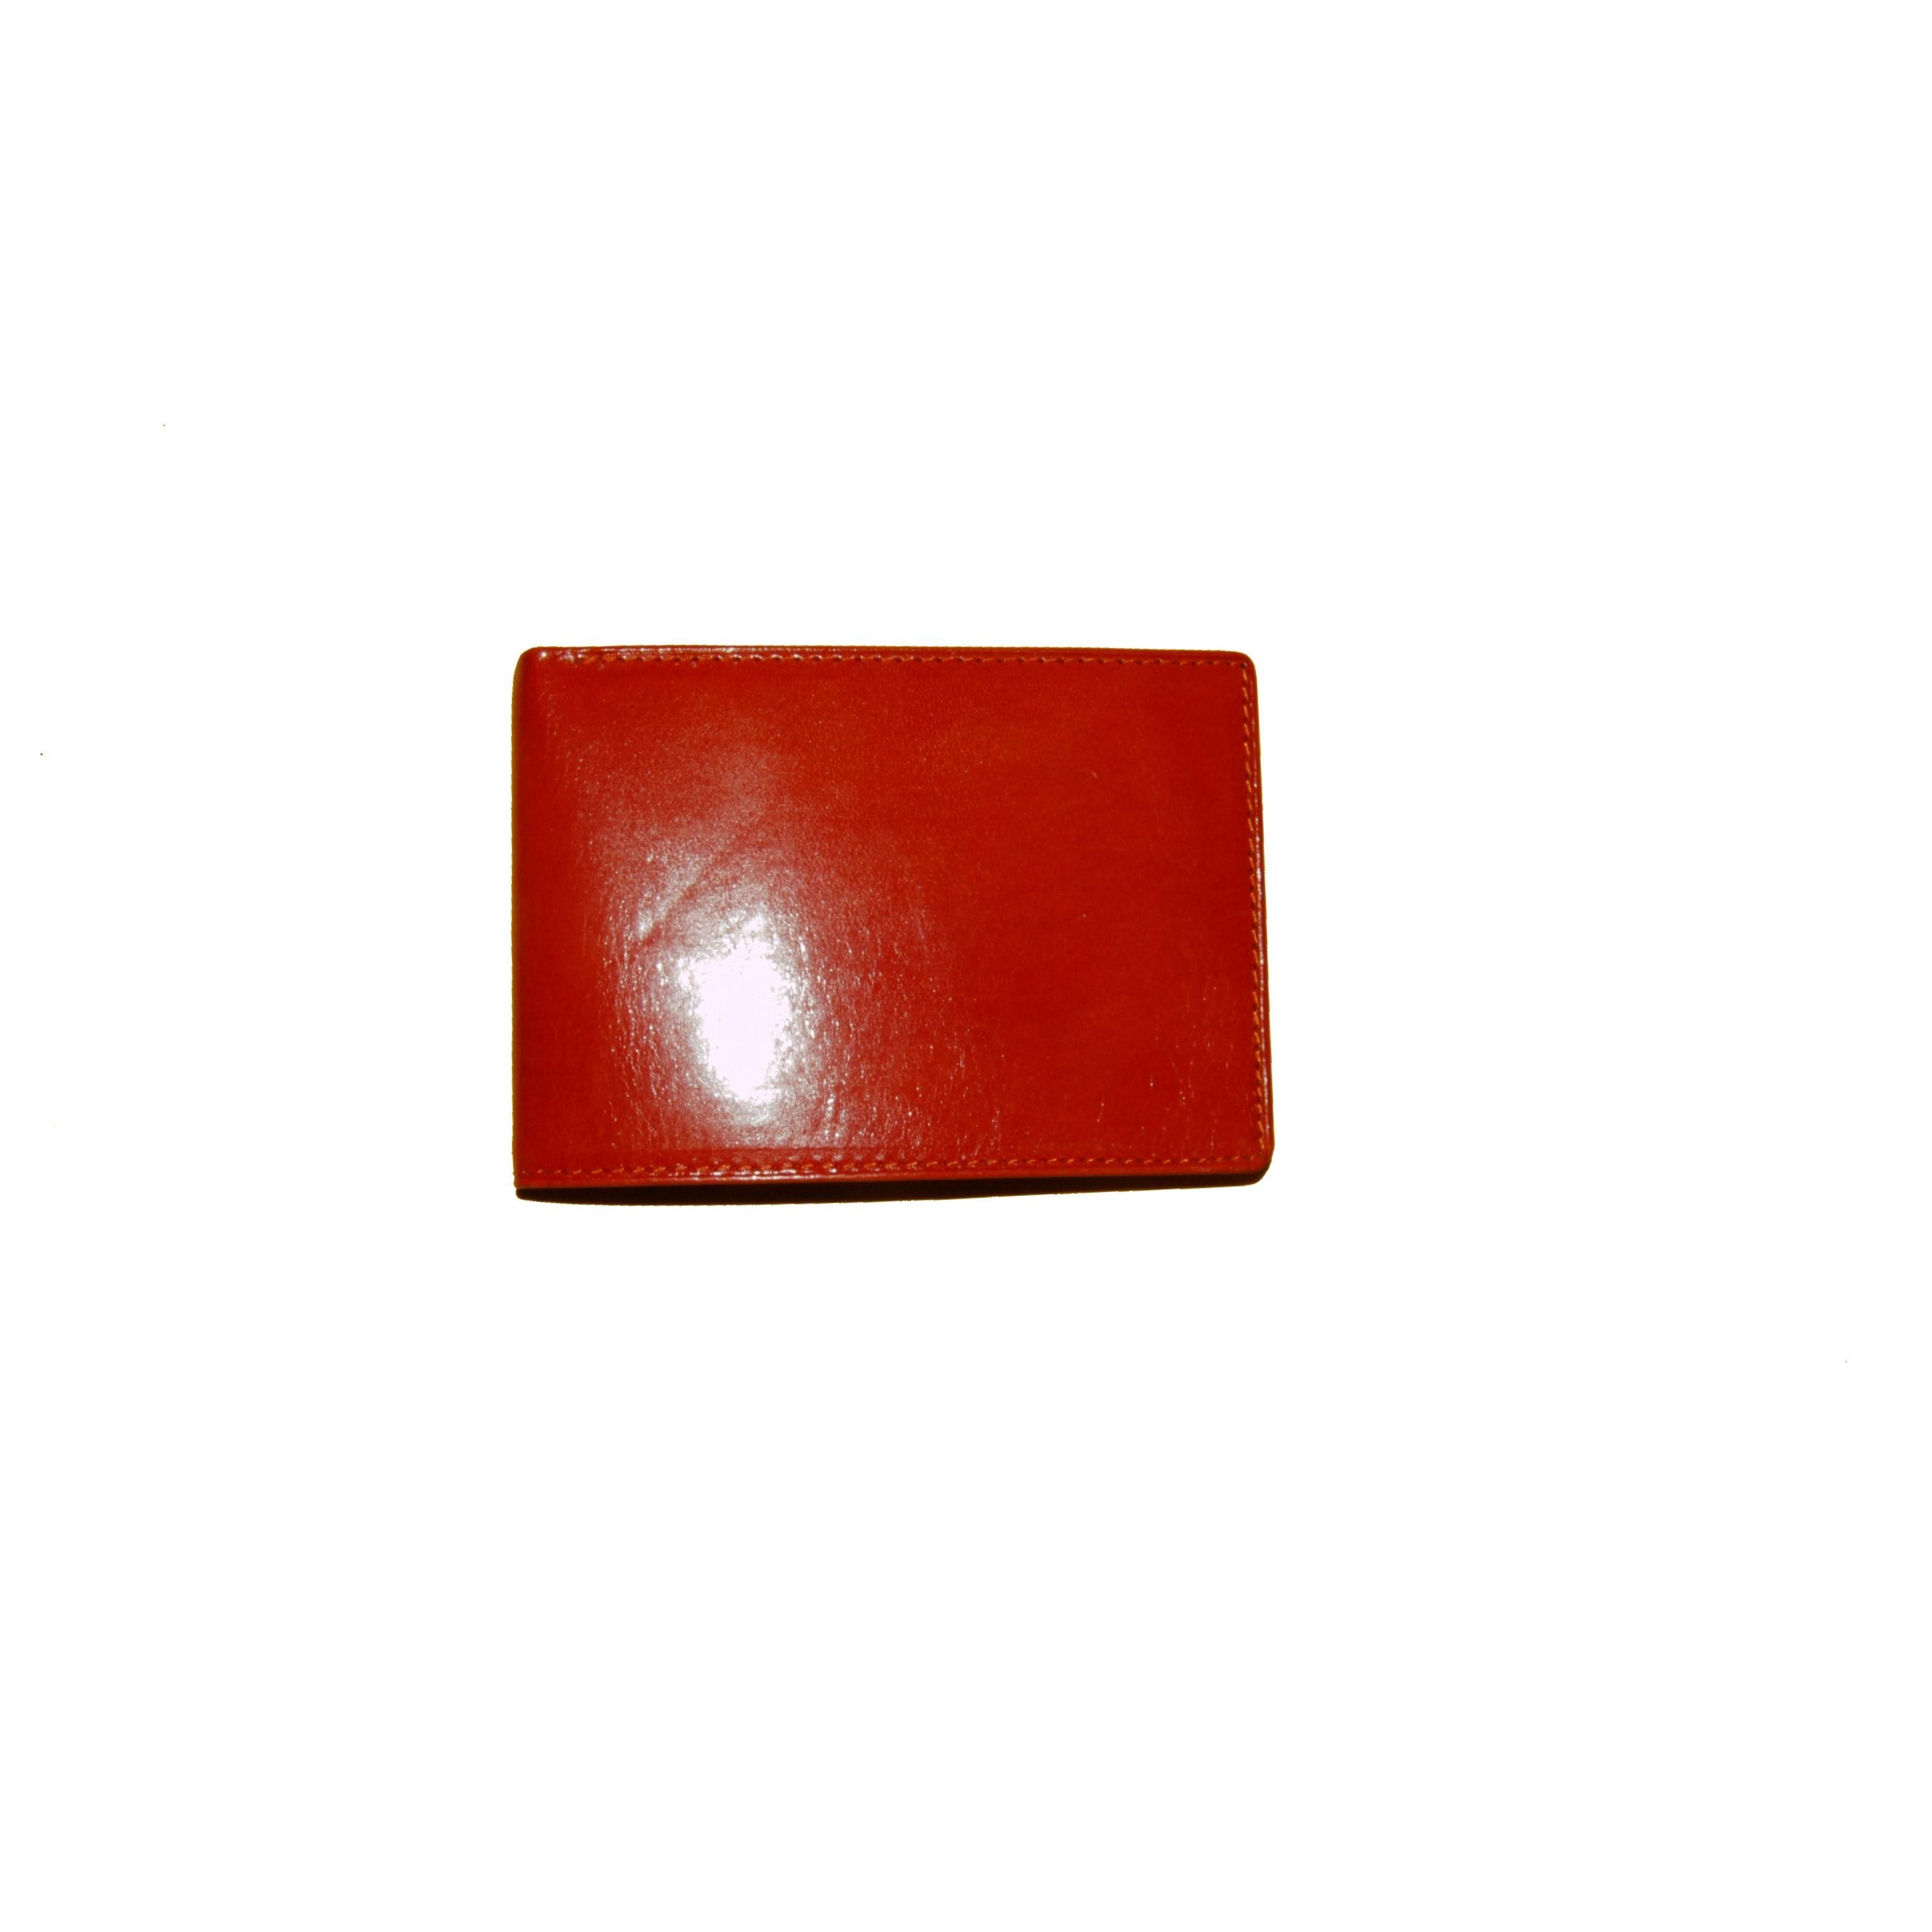 Rosso chiaro2